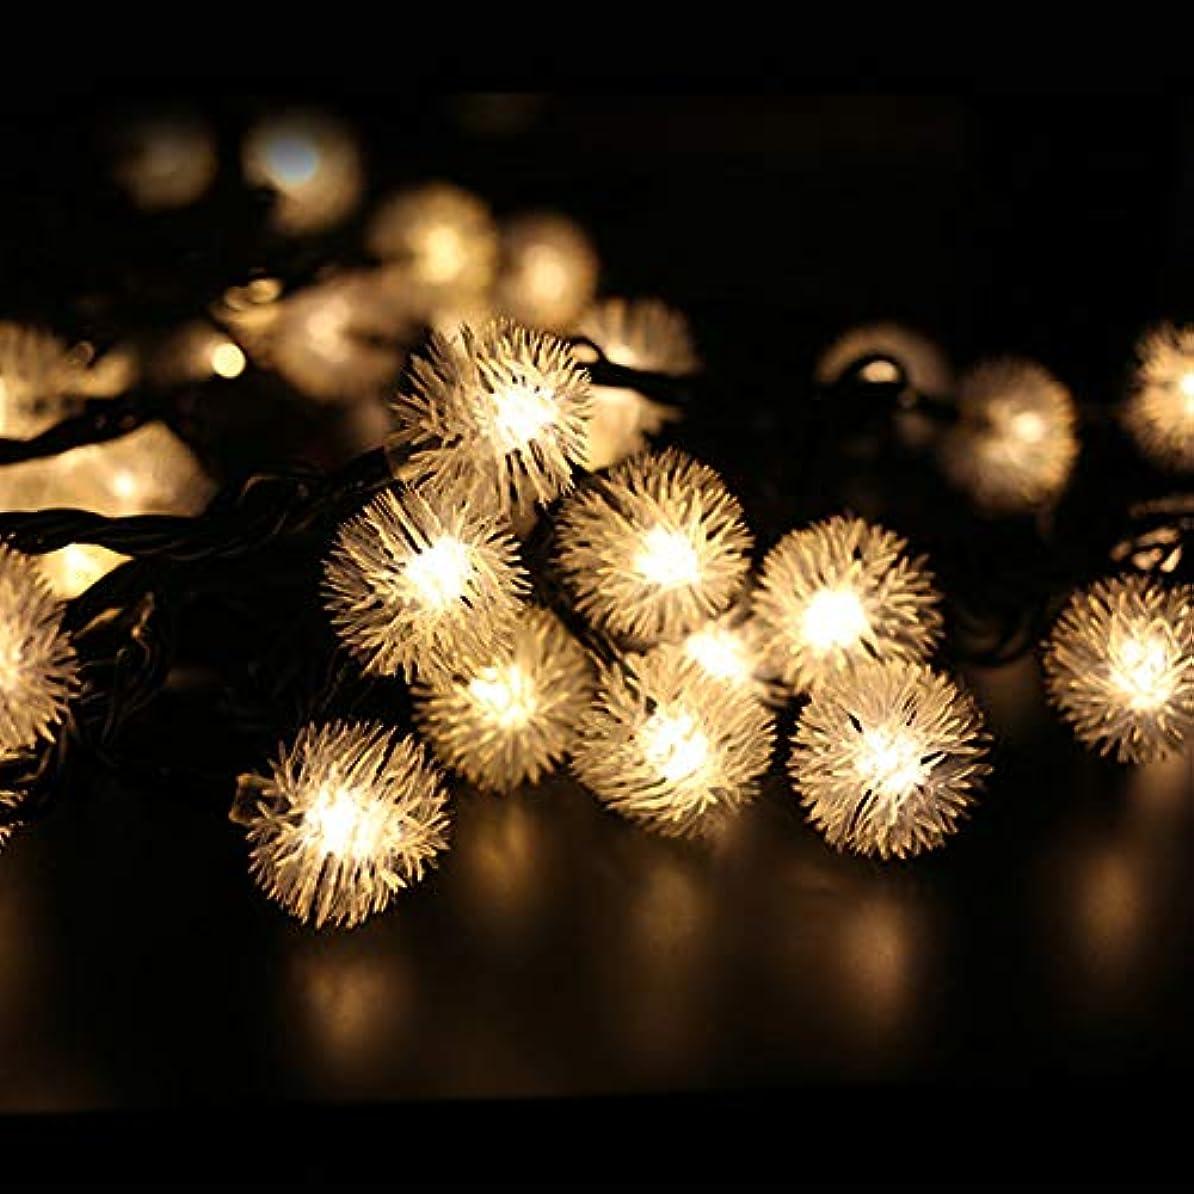 練習抵抗力がある繁栄するコットンキャンディイルミネーション 100球 10m LED イルミネーション 【黒ケーブル】 (暖色)